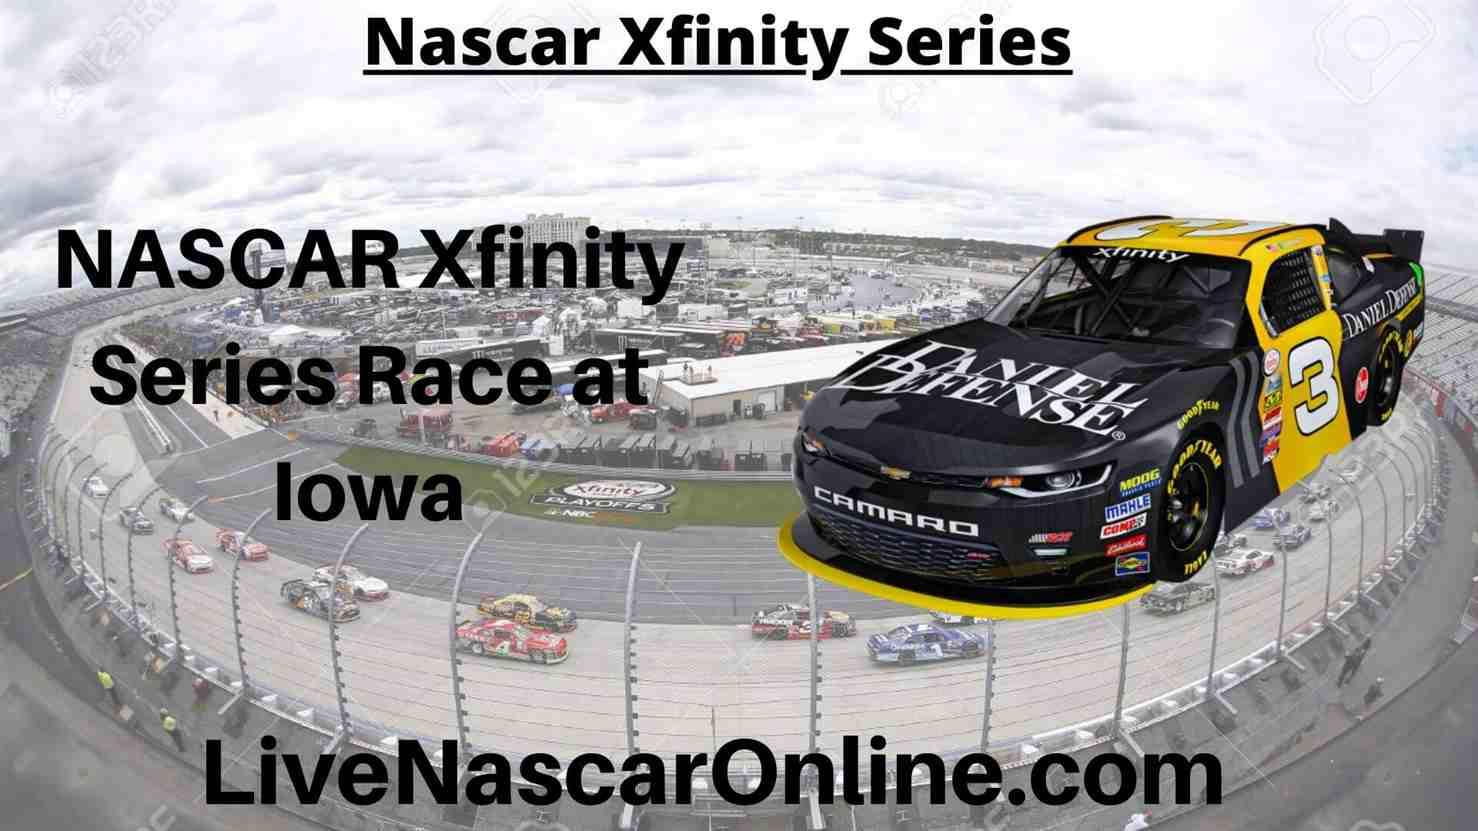 NASCAR Xfinity Series Race at Iowa Online Stream | NASCAR Iowa 2020